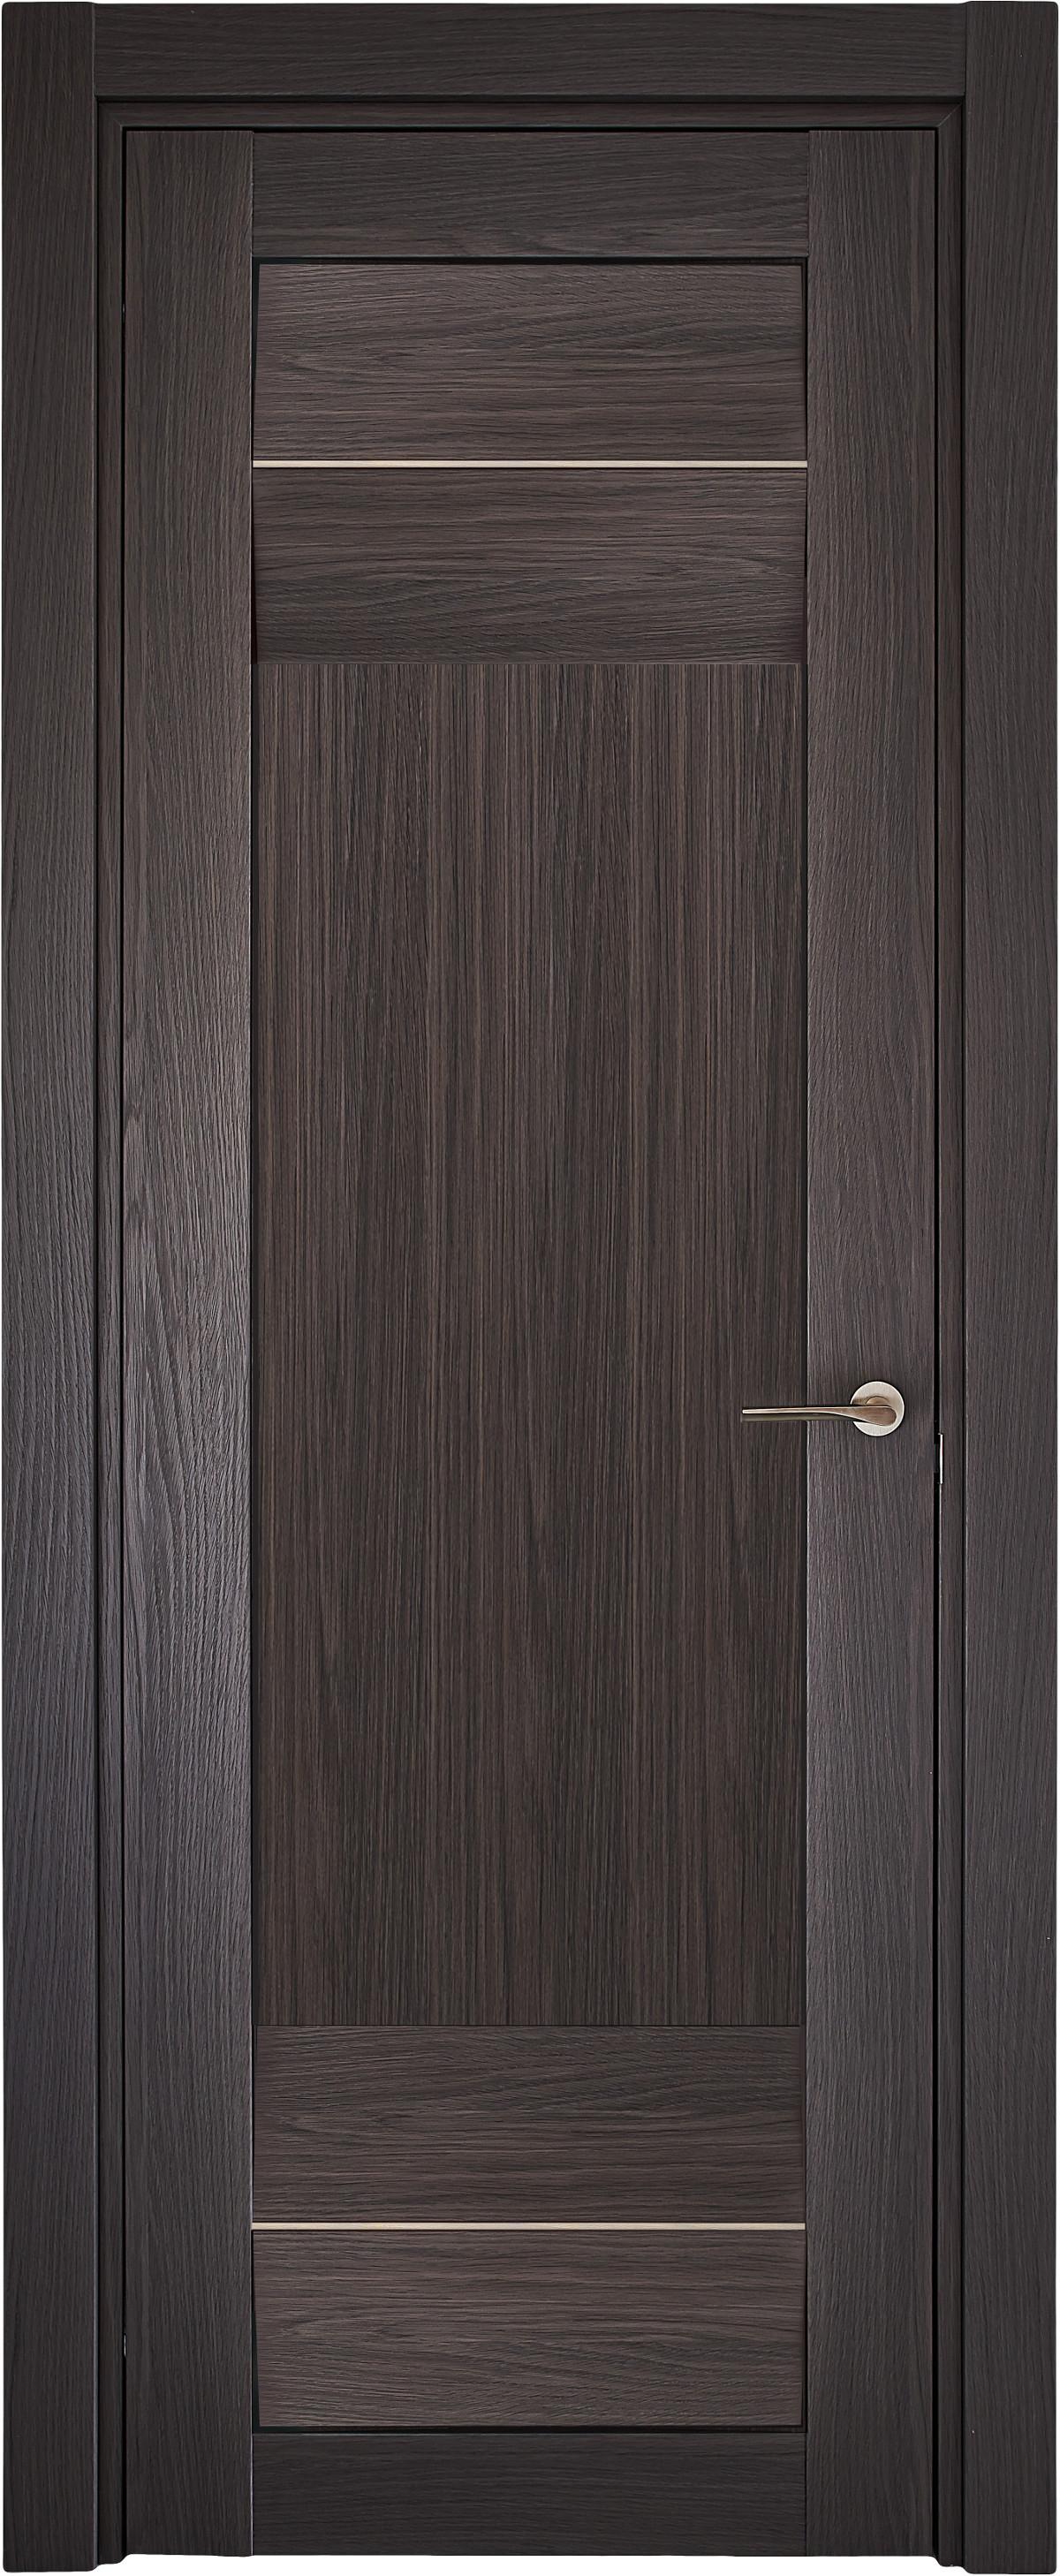 door21